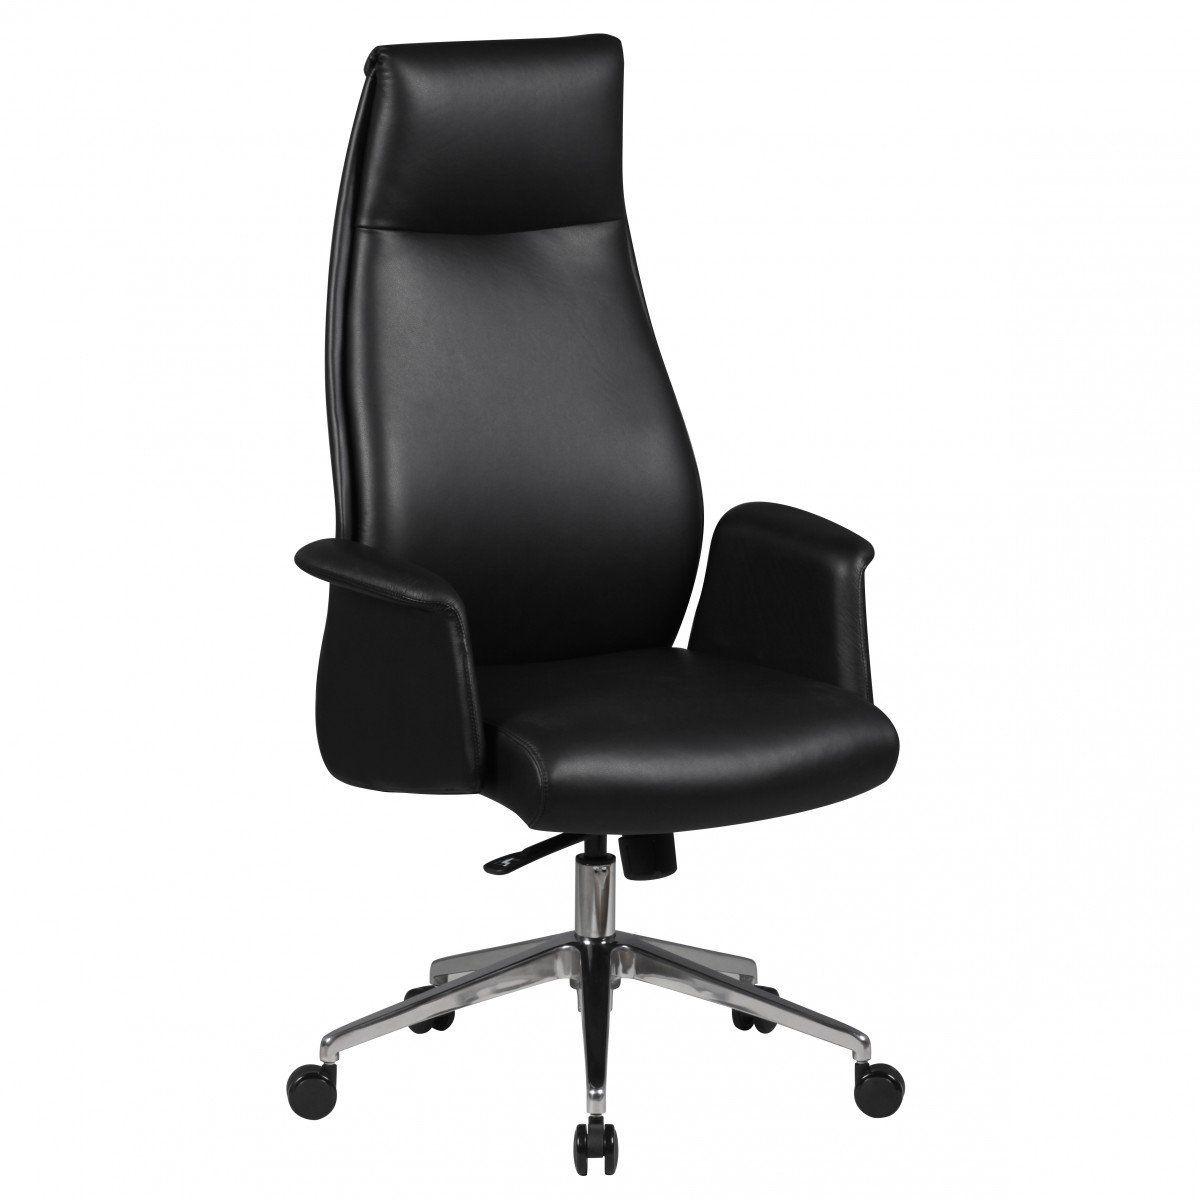 Schreibtischstühle Ergonomisch amstyle bürostuhl franklin echt leder schwarz schreibtischstuhl